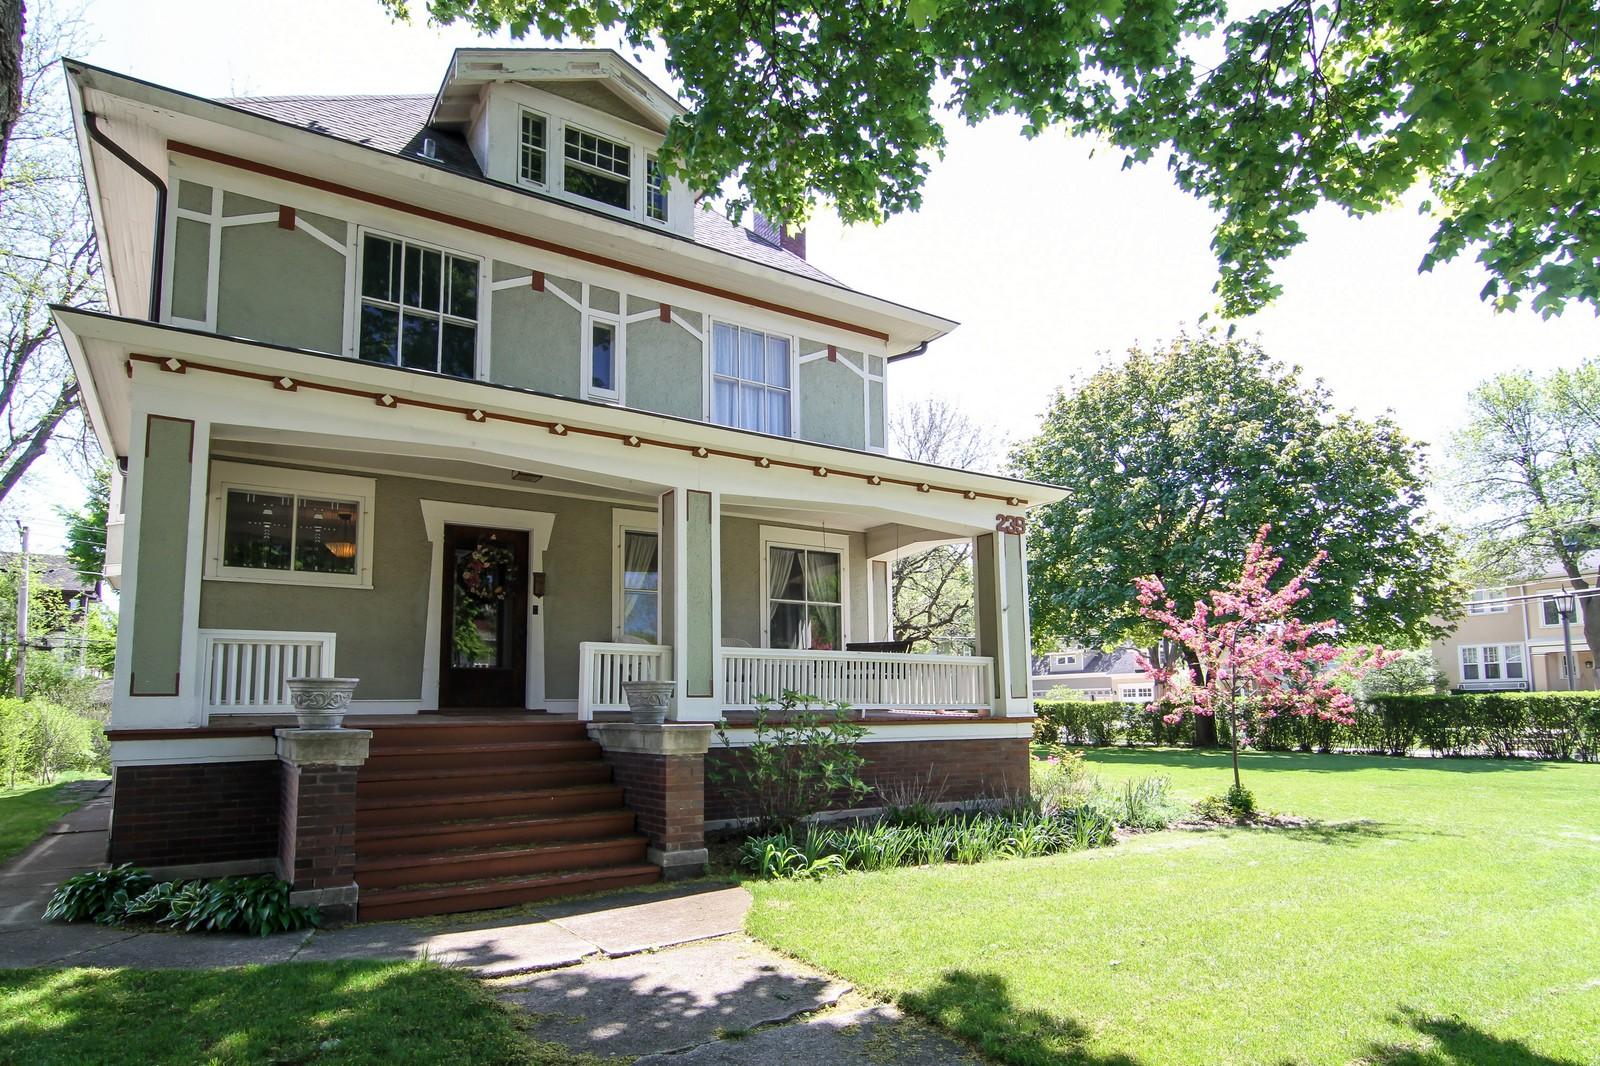 Real Estate Photography - 239 6th Avenue, La Grange, IL, 60525 - Front View